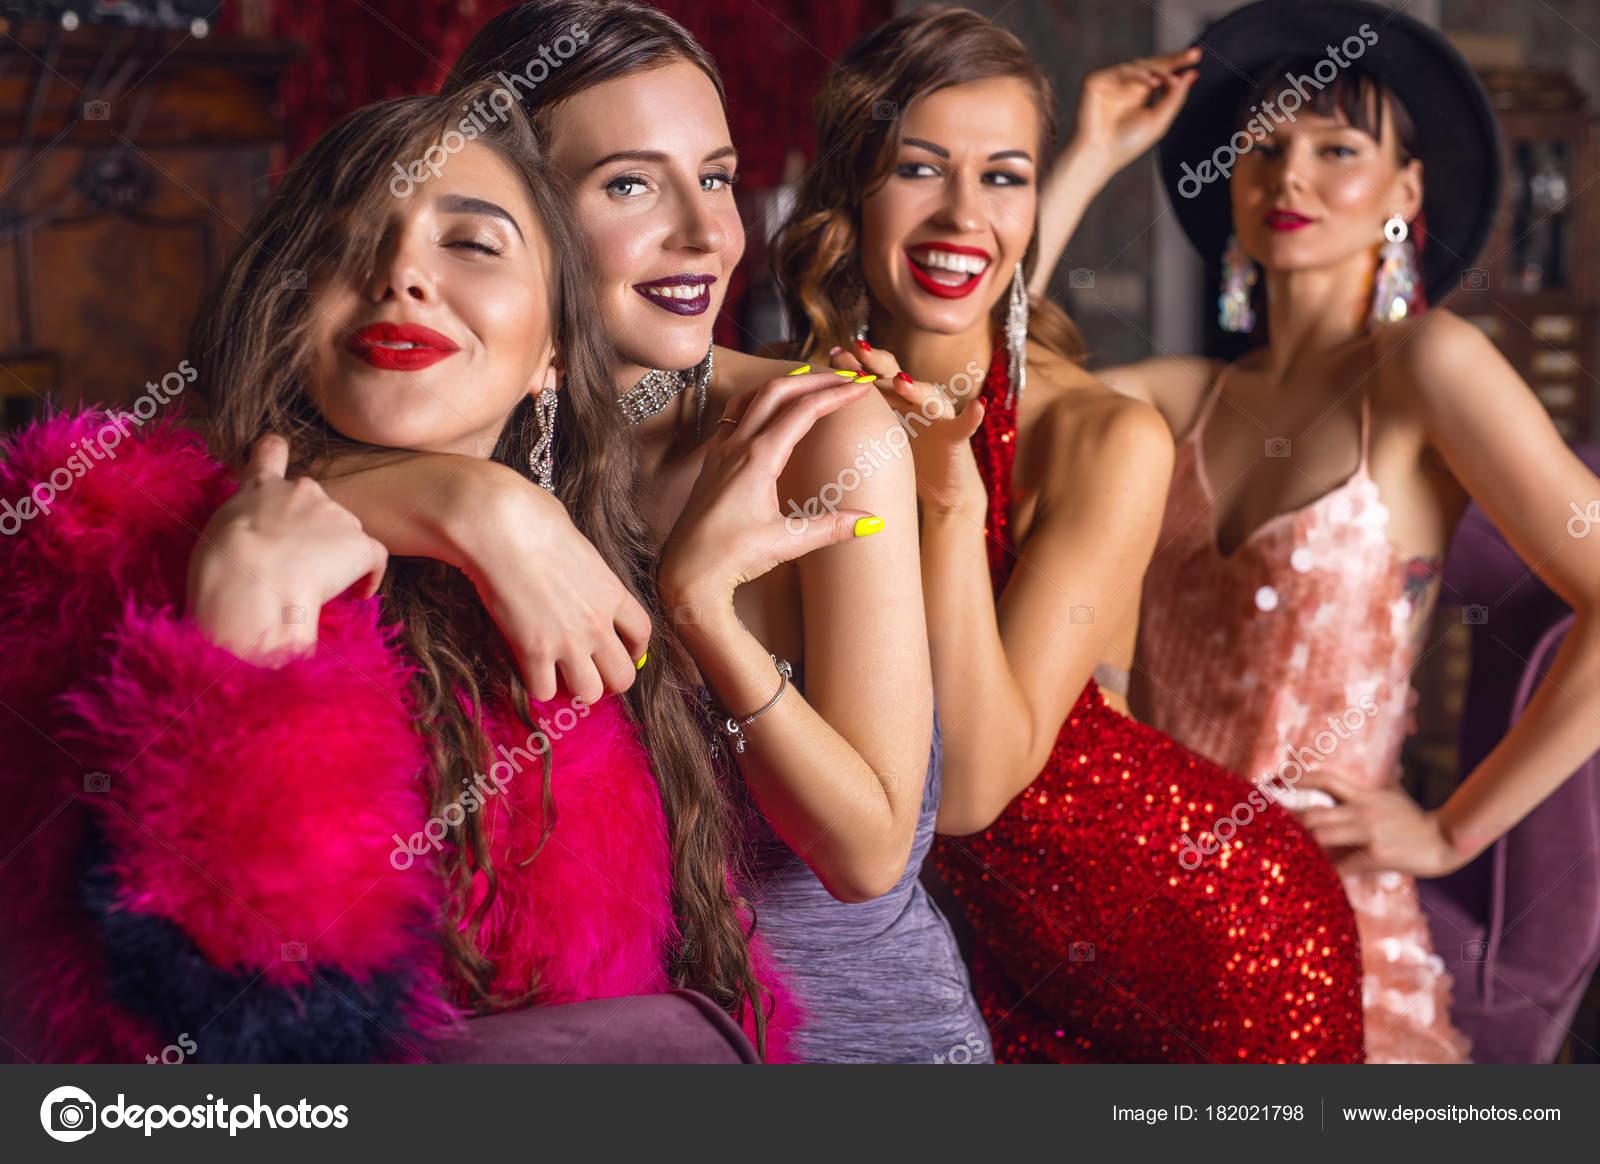 6aecec7eef6 Grupo de jovens rindo meninas elegantes vestidos estilo clássico no  interior do clube de luxo —